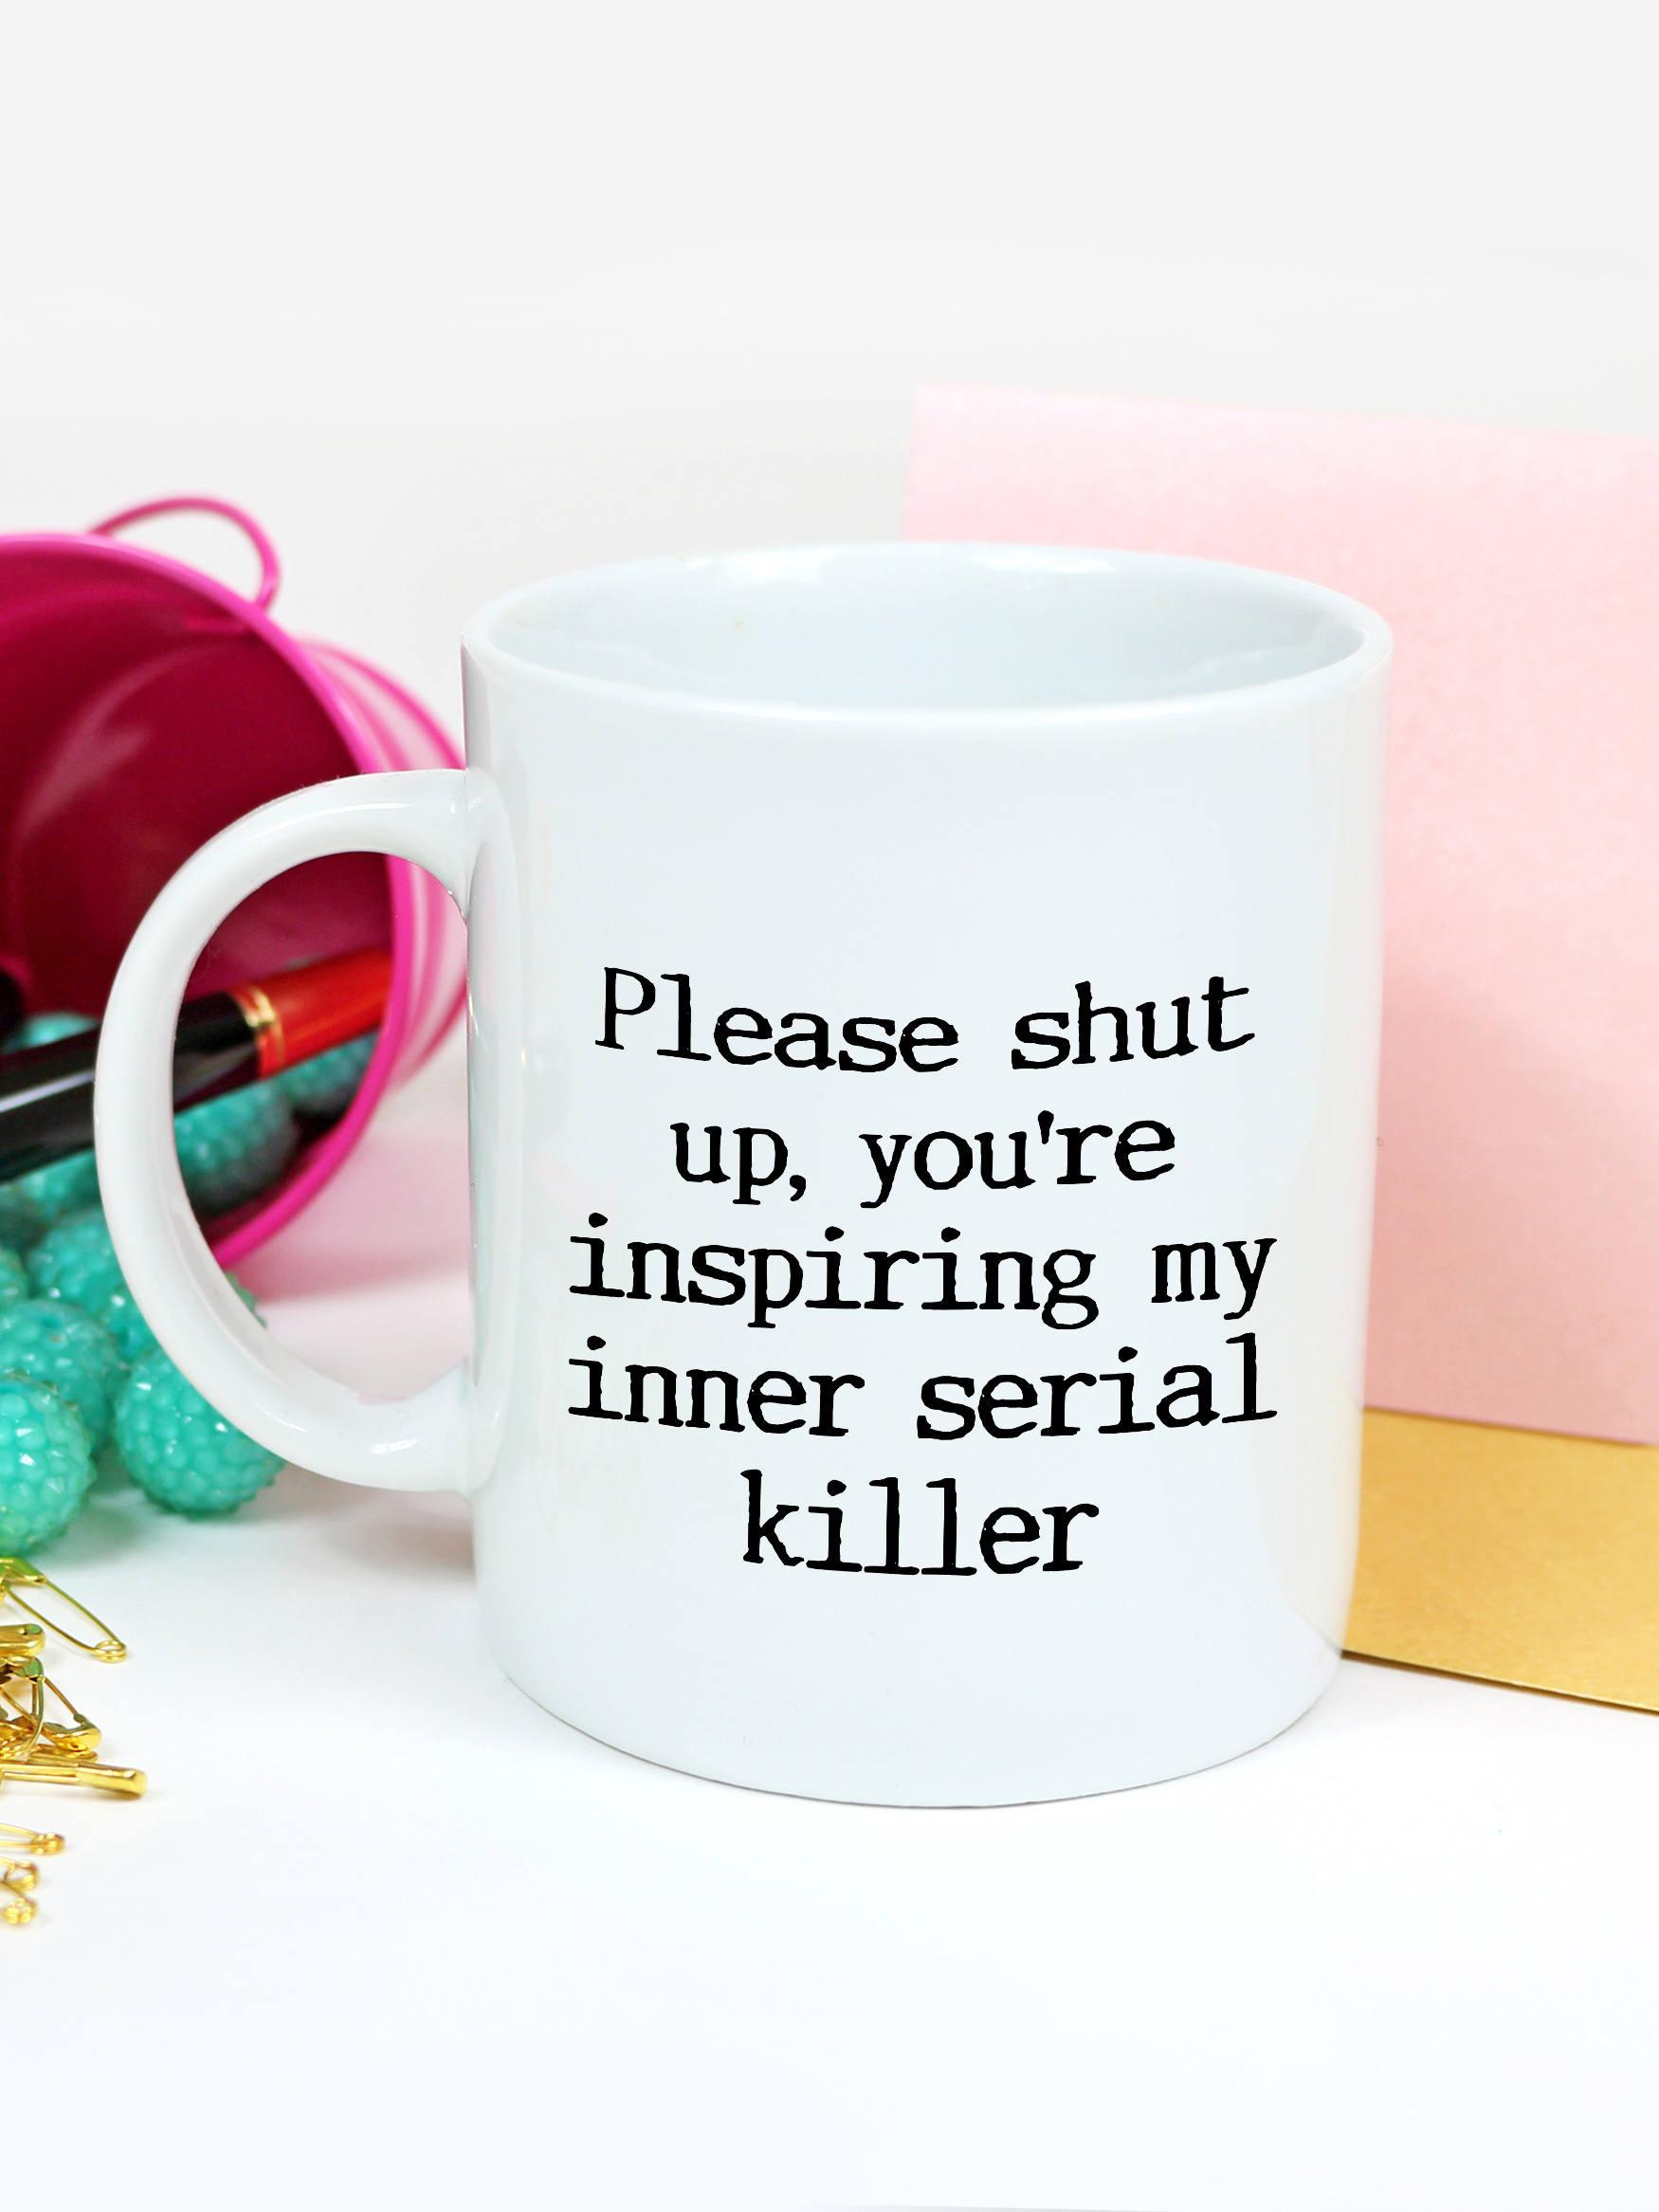 Funny Coffee Mug Sayings Funny Coffee Mugs Funny Sayings ...